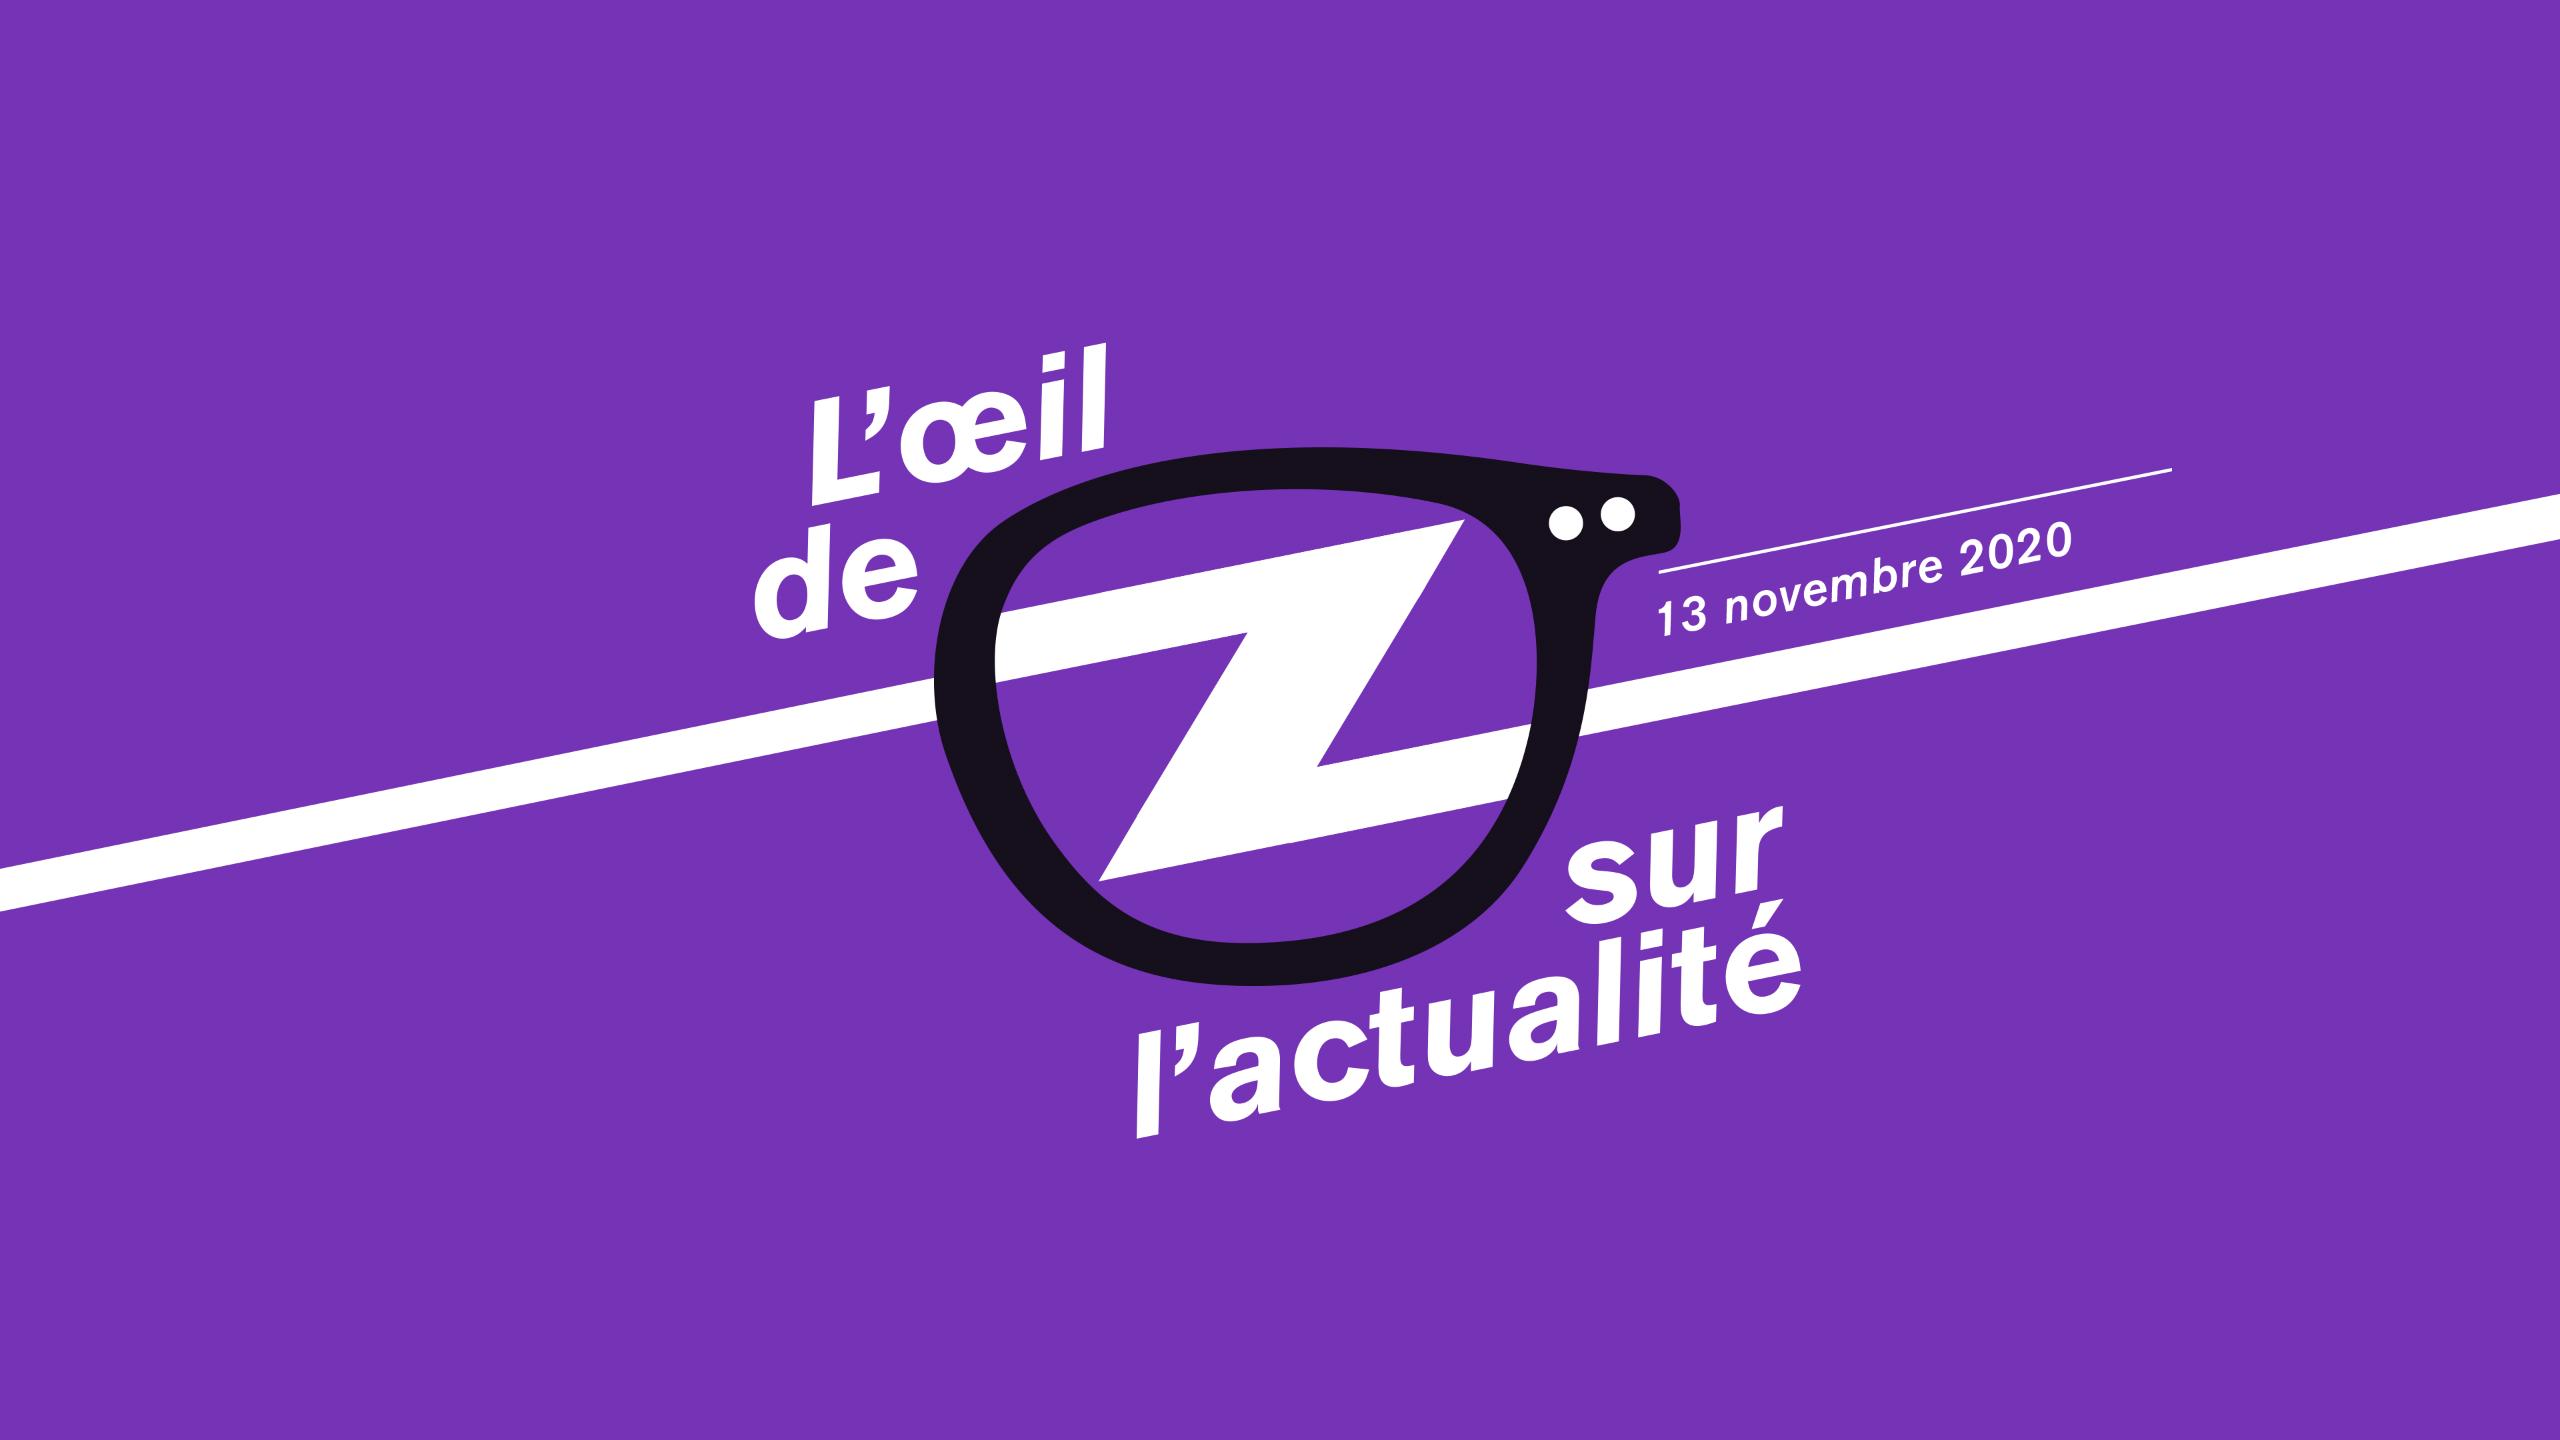 L'oeil de Z sur l'actualité